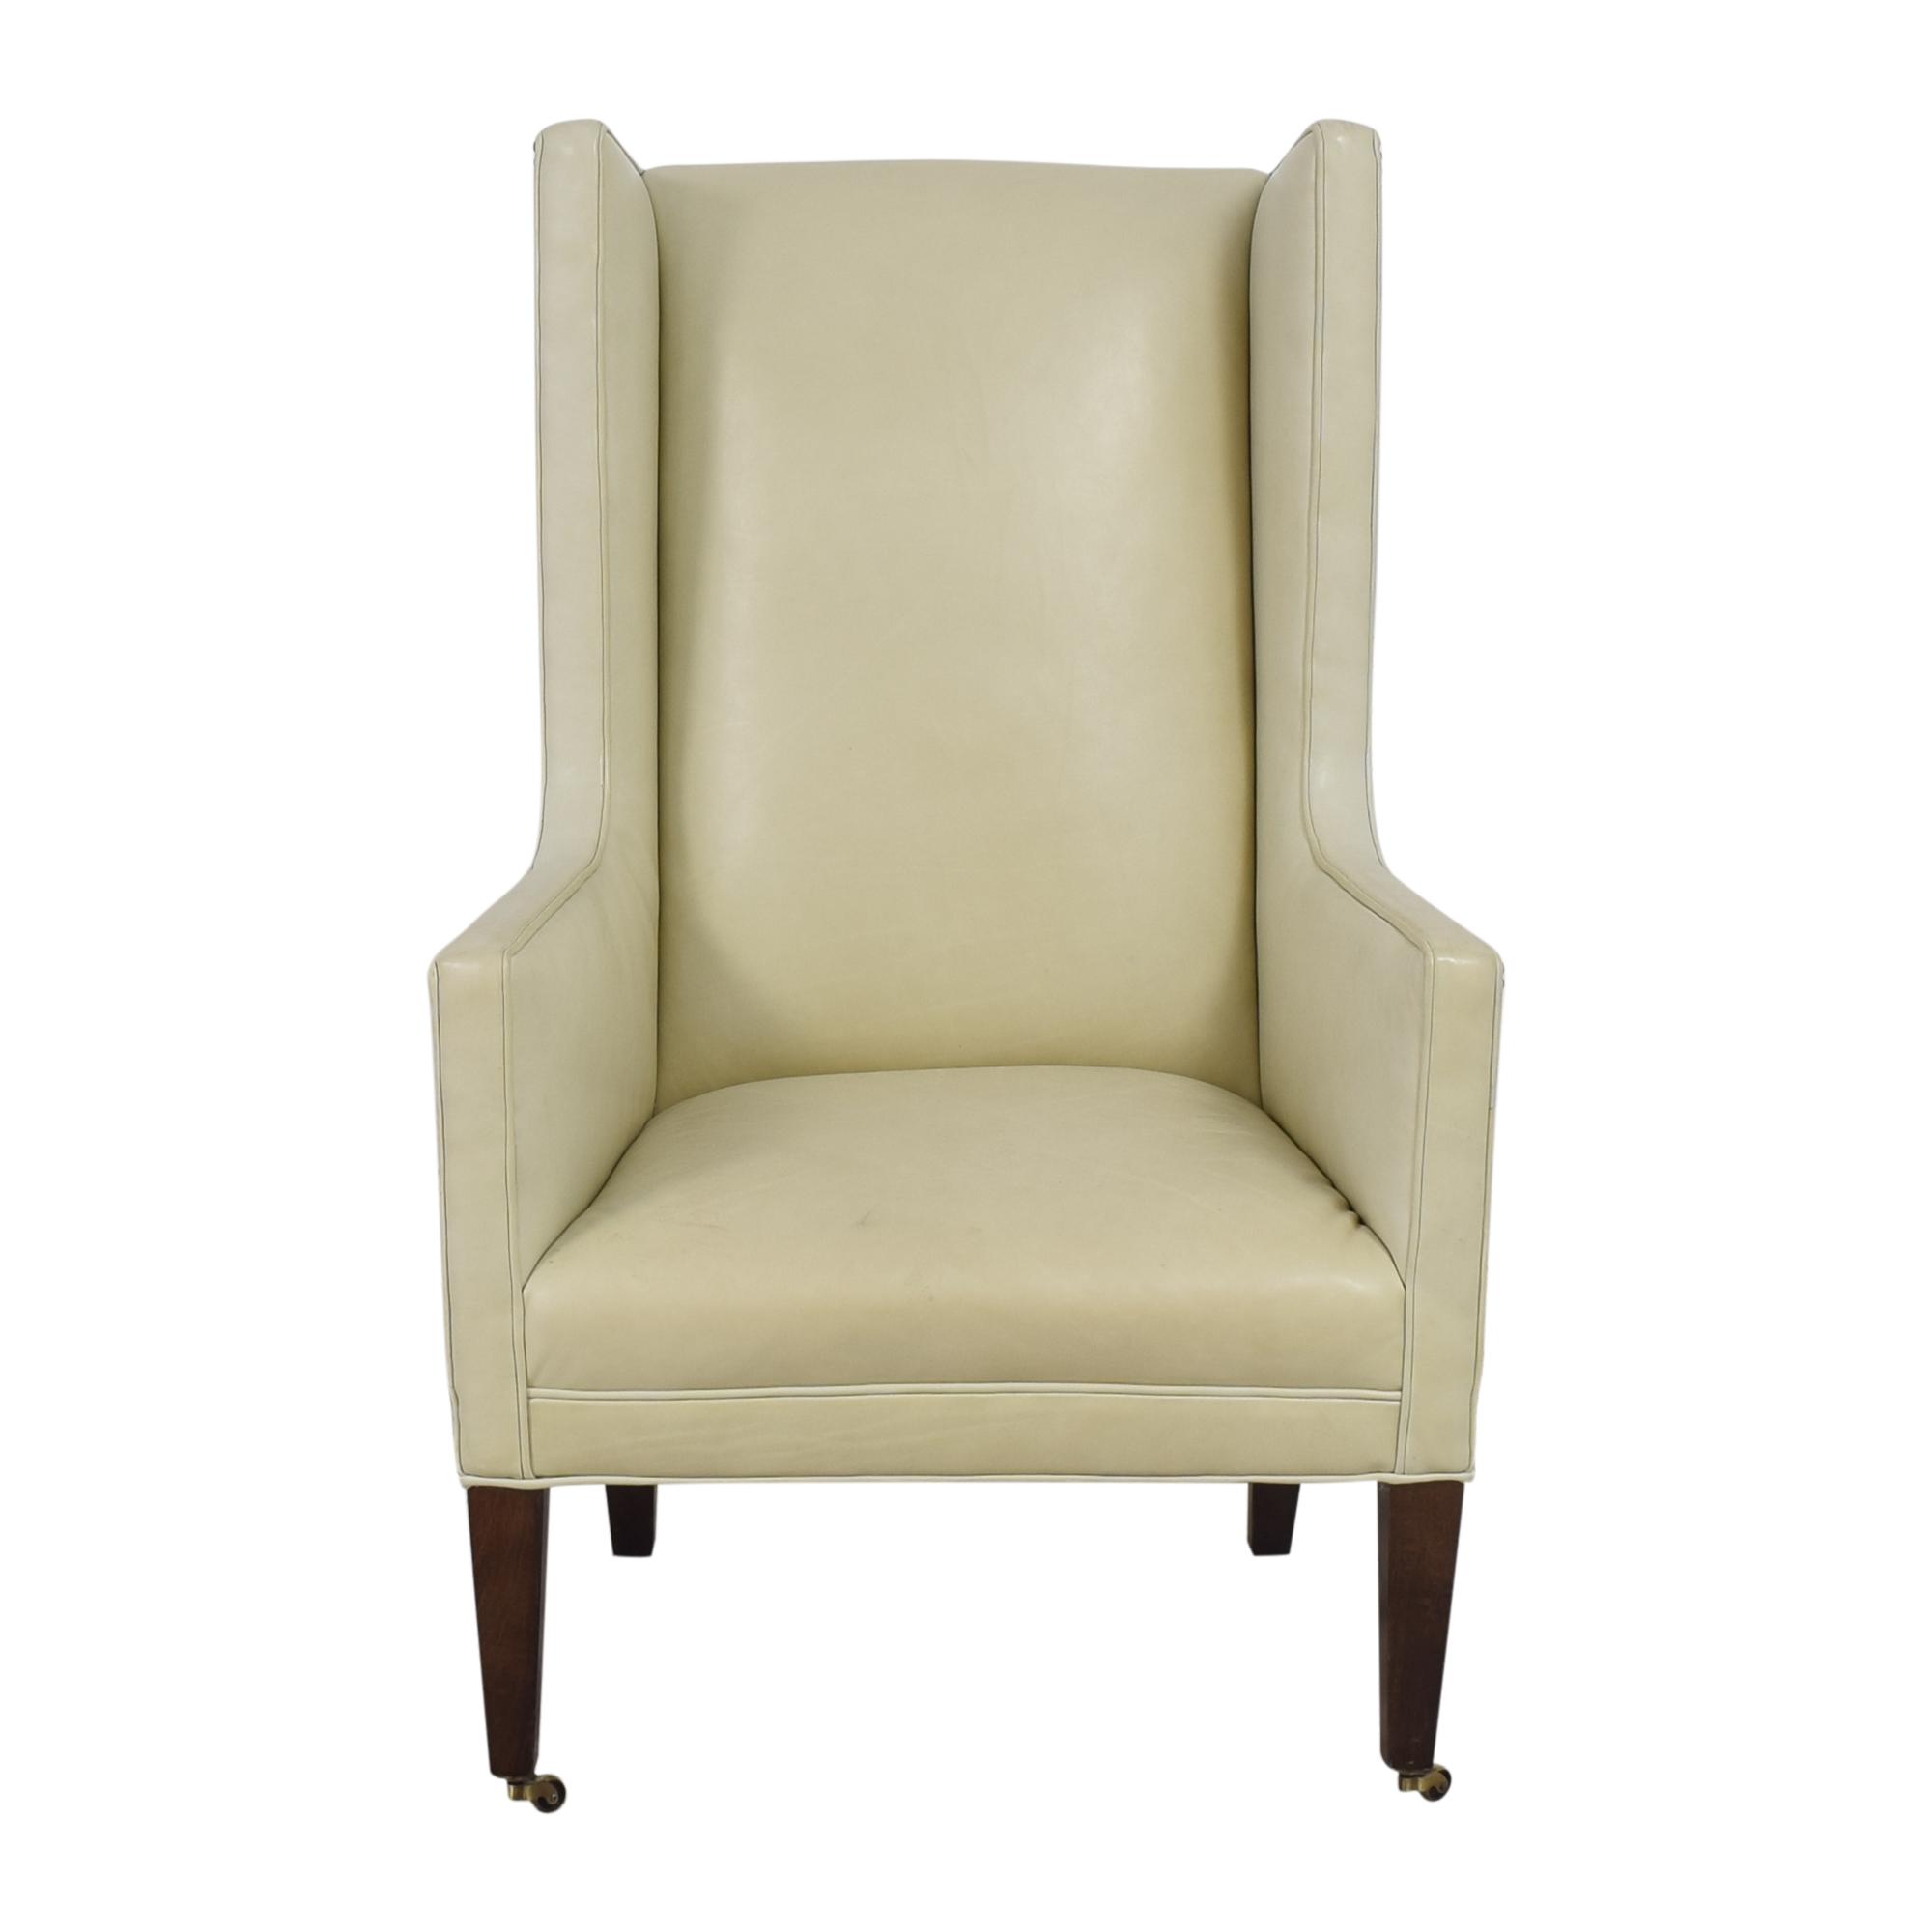 Crate & Barrel Crate & Barrel Wingback Chair dimensions